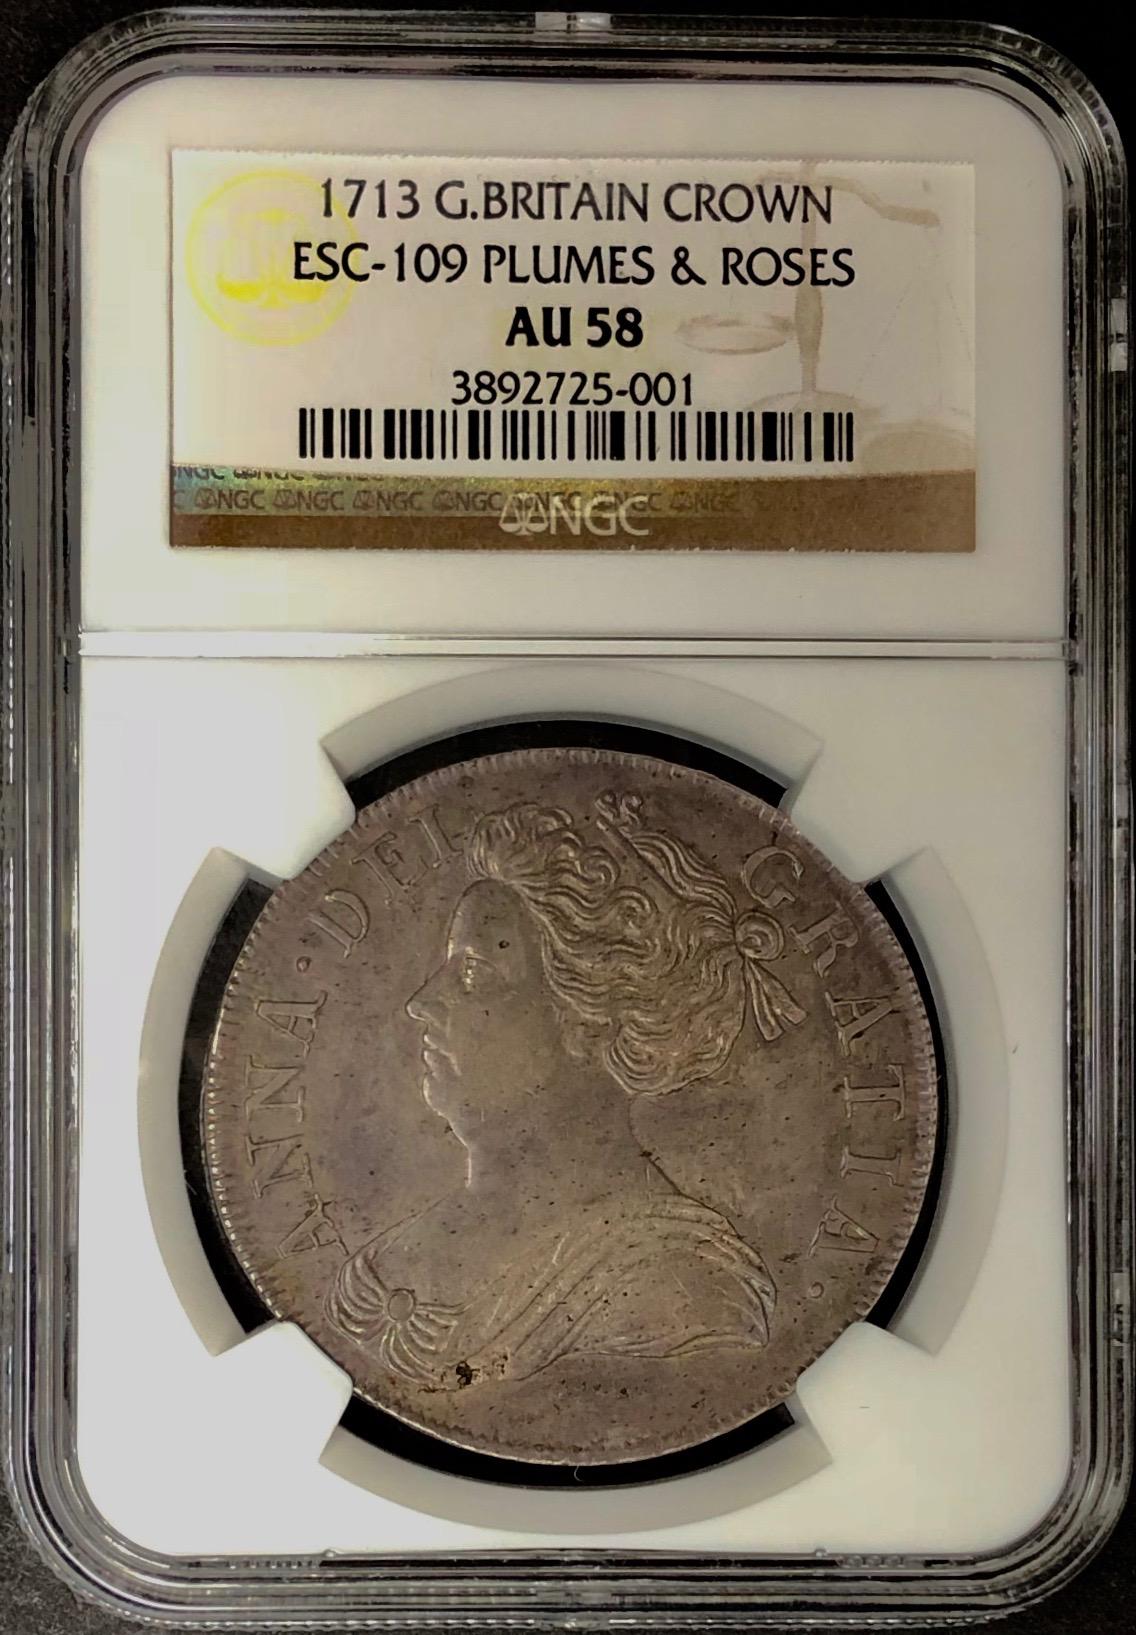 イギリス1713年アン女王クラウン銀貨AU58画像